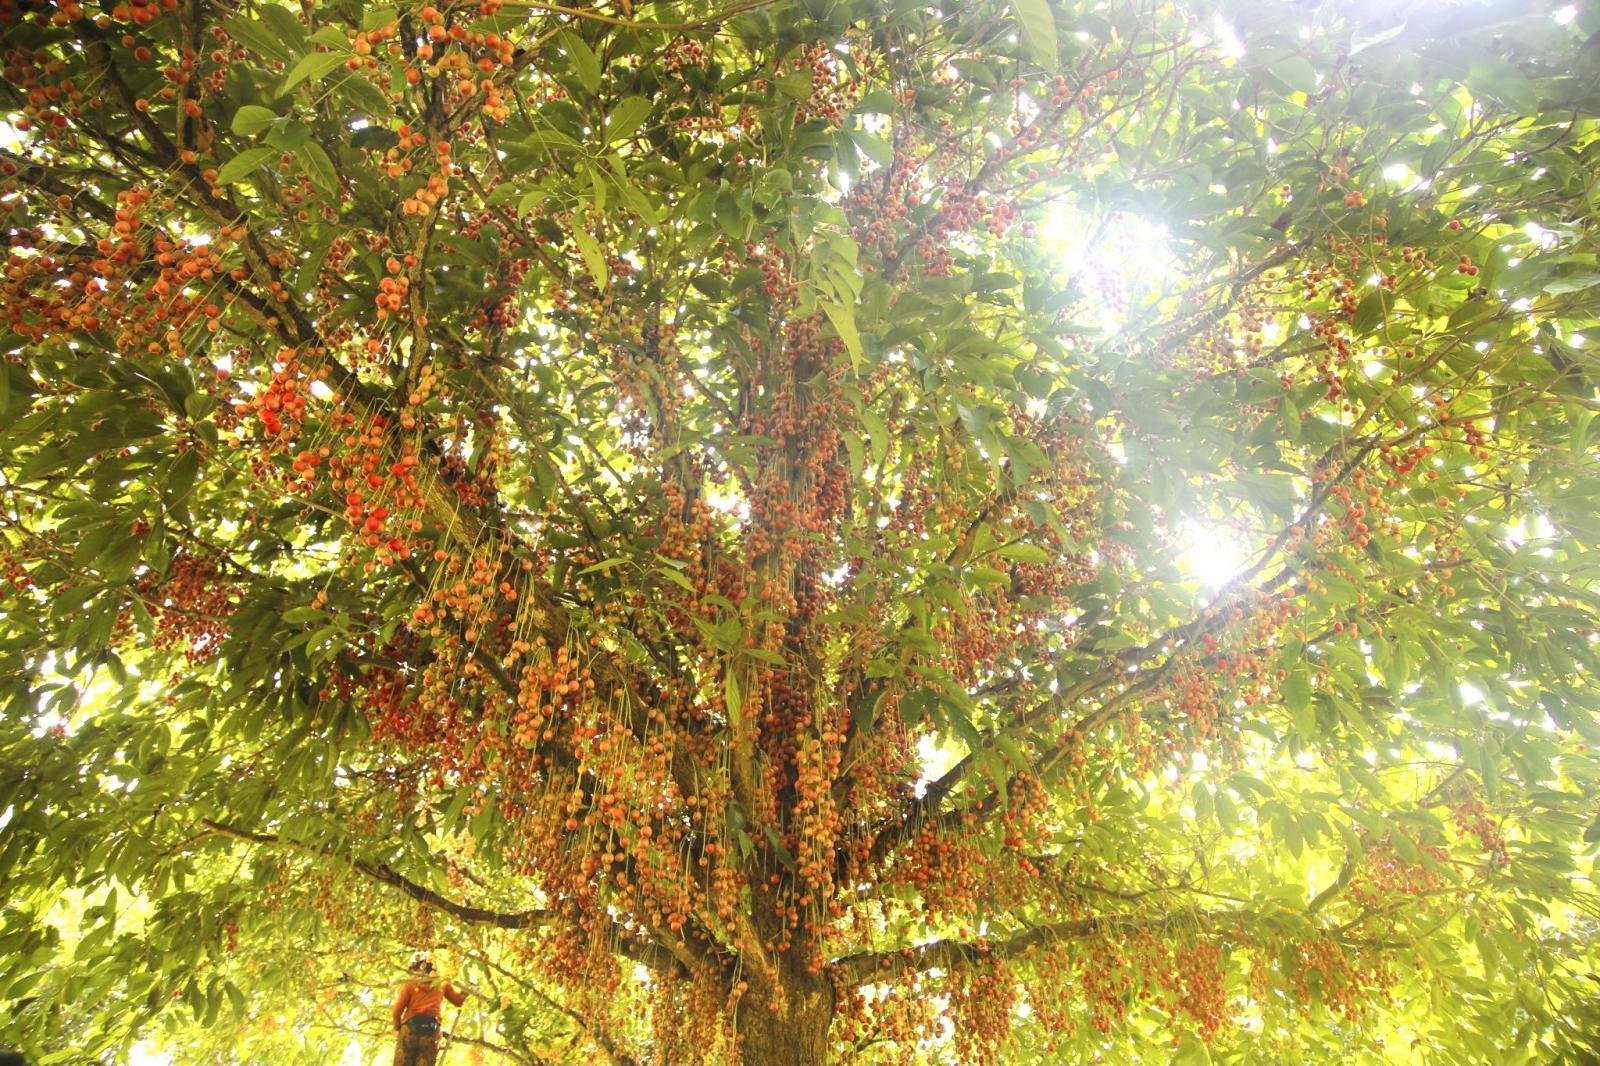 Hà Tĩnh: Loại quả mọc chi chít từ gốc đến ngọn, thương lái phải đến tận vườn đặt mua? - Ảnh 4.